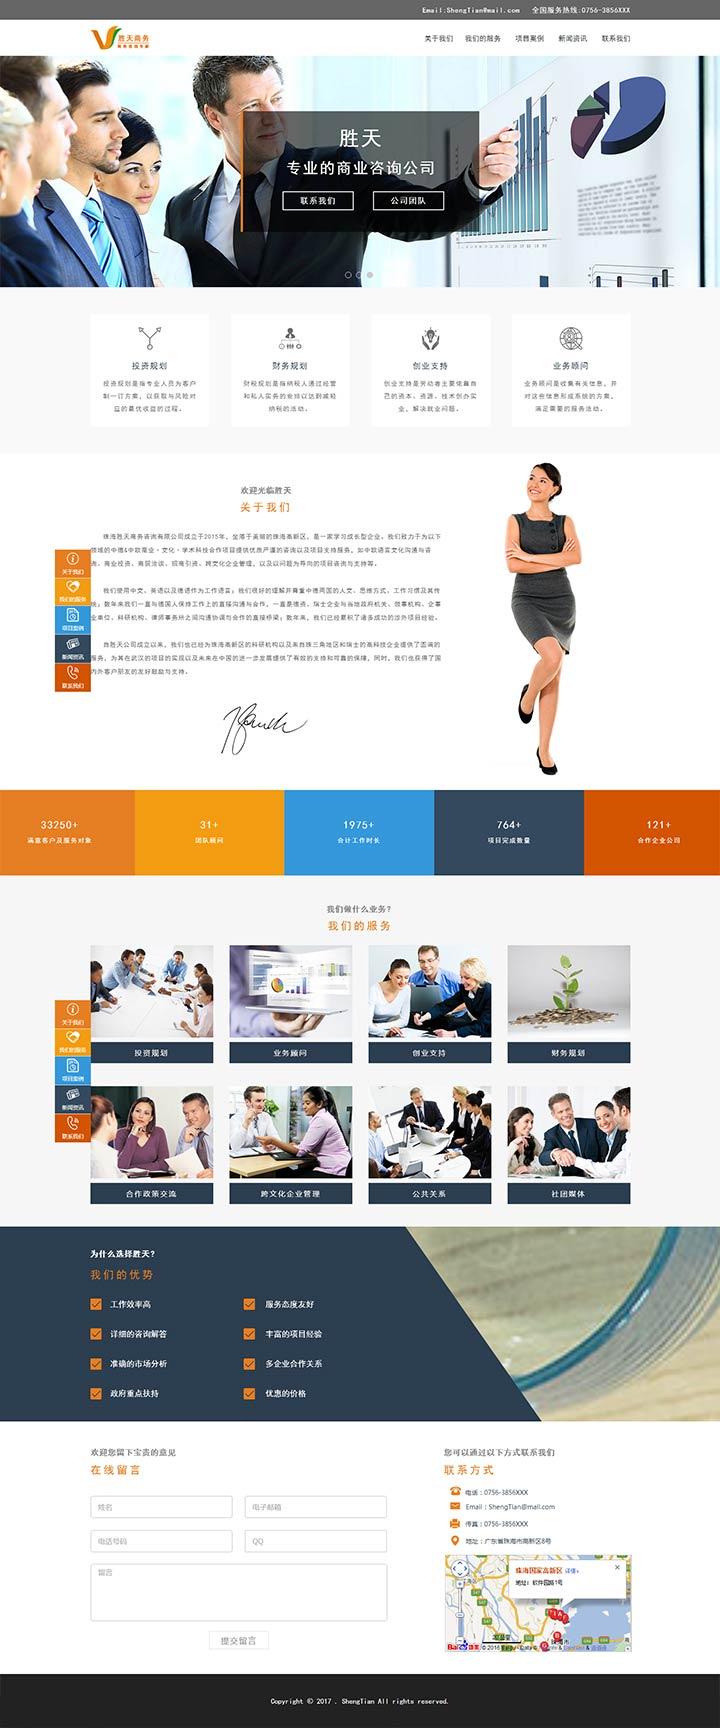 商务咨询行业网站